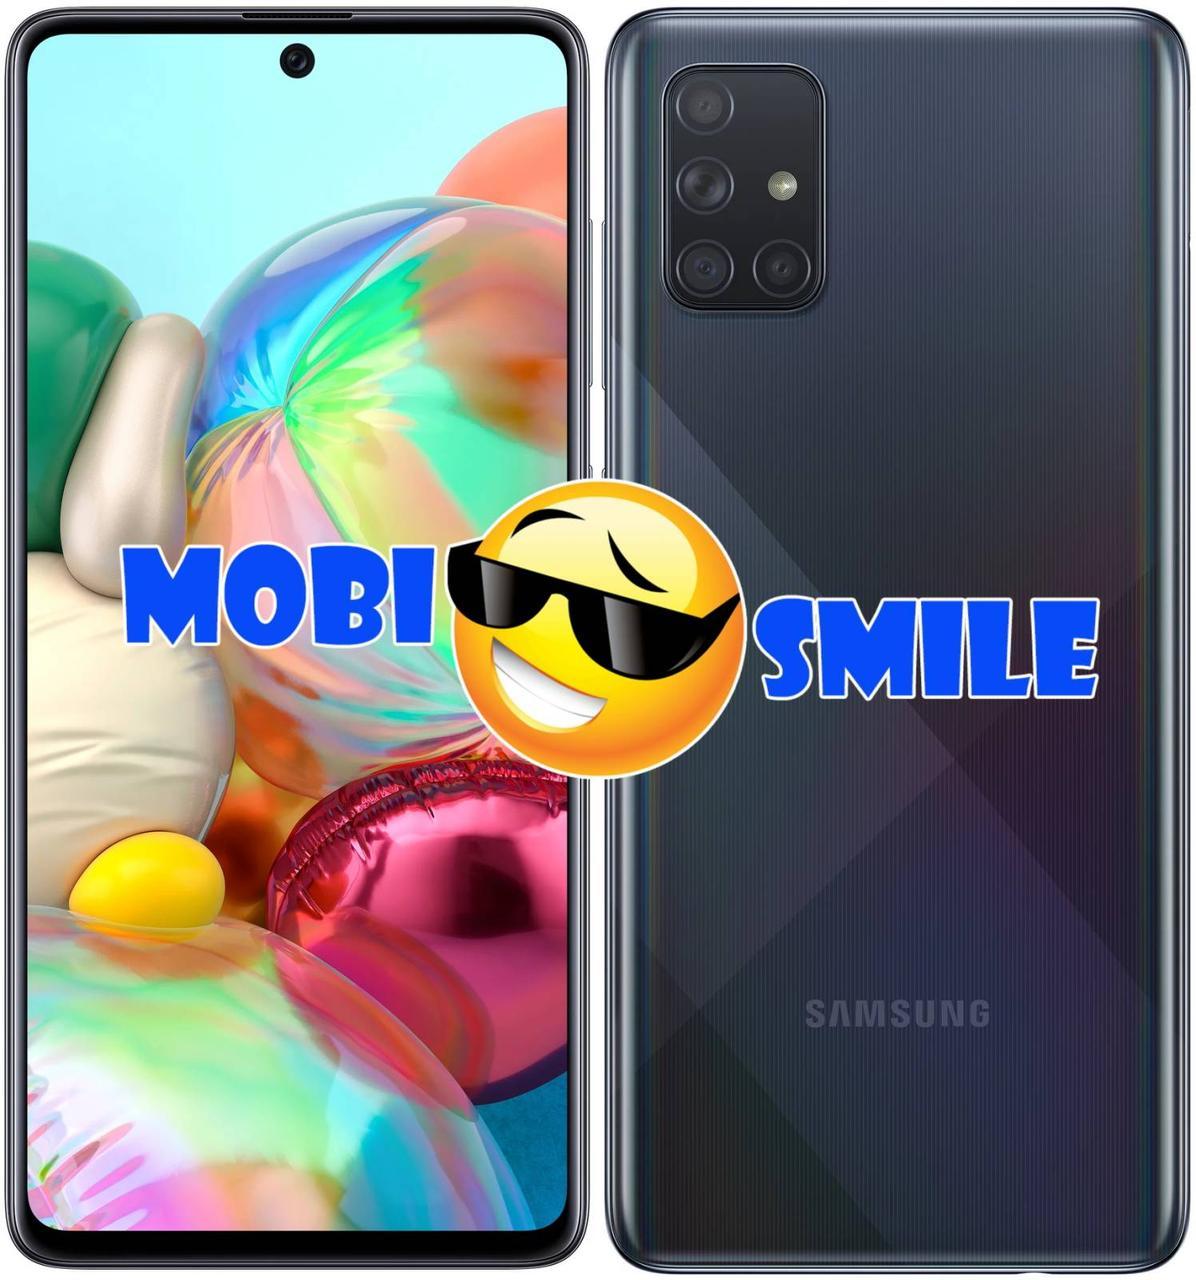 Смартфон Samsung Galaxy A71 2020 6/128Gb (SM-A715F) ОРИГИНАЛ Гарантия 12 месяцев